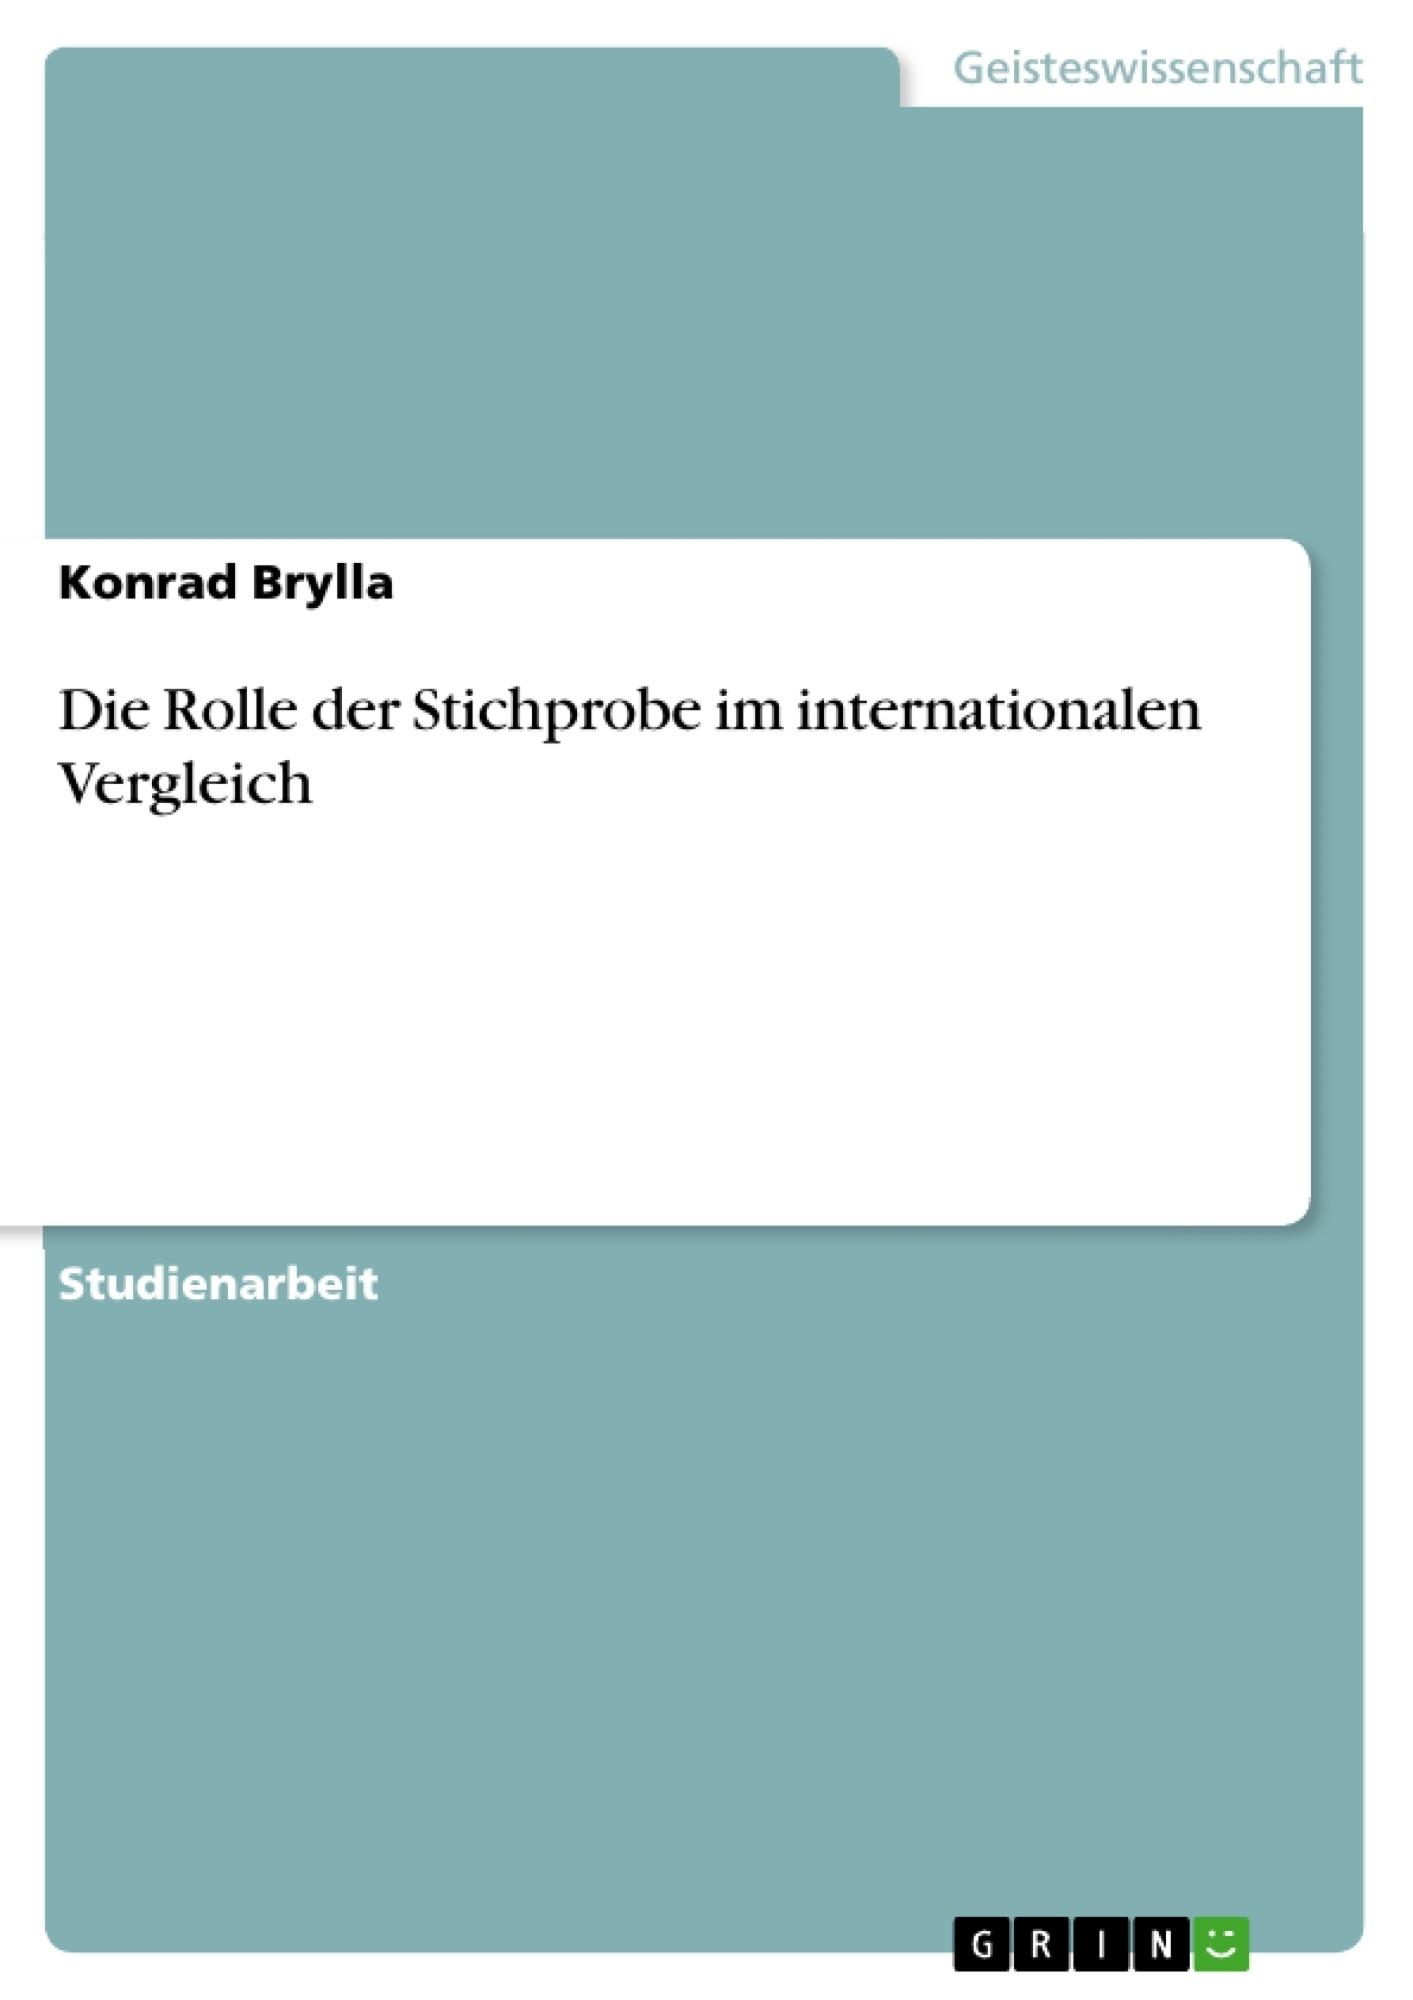 Titel: Die Rolle der Stichprobe im internationalen Vergleich